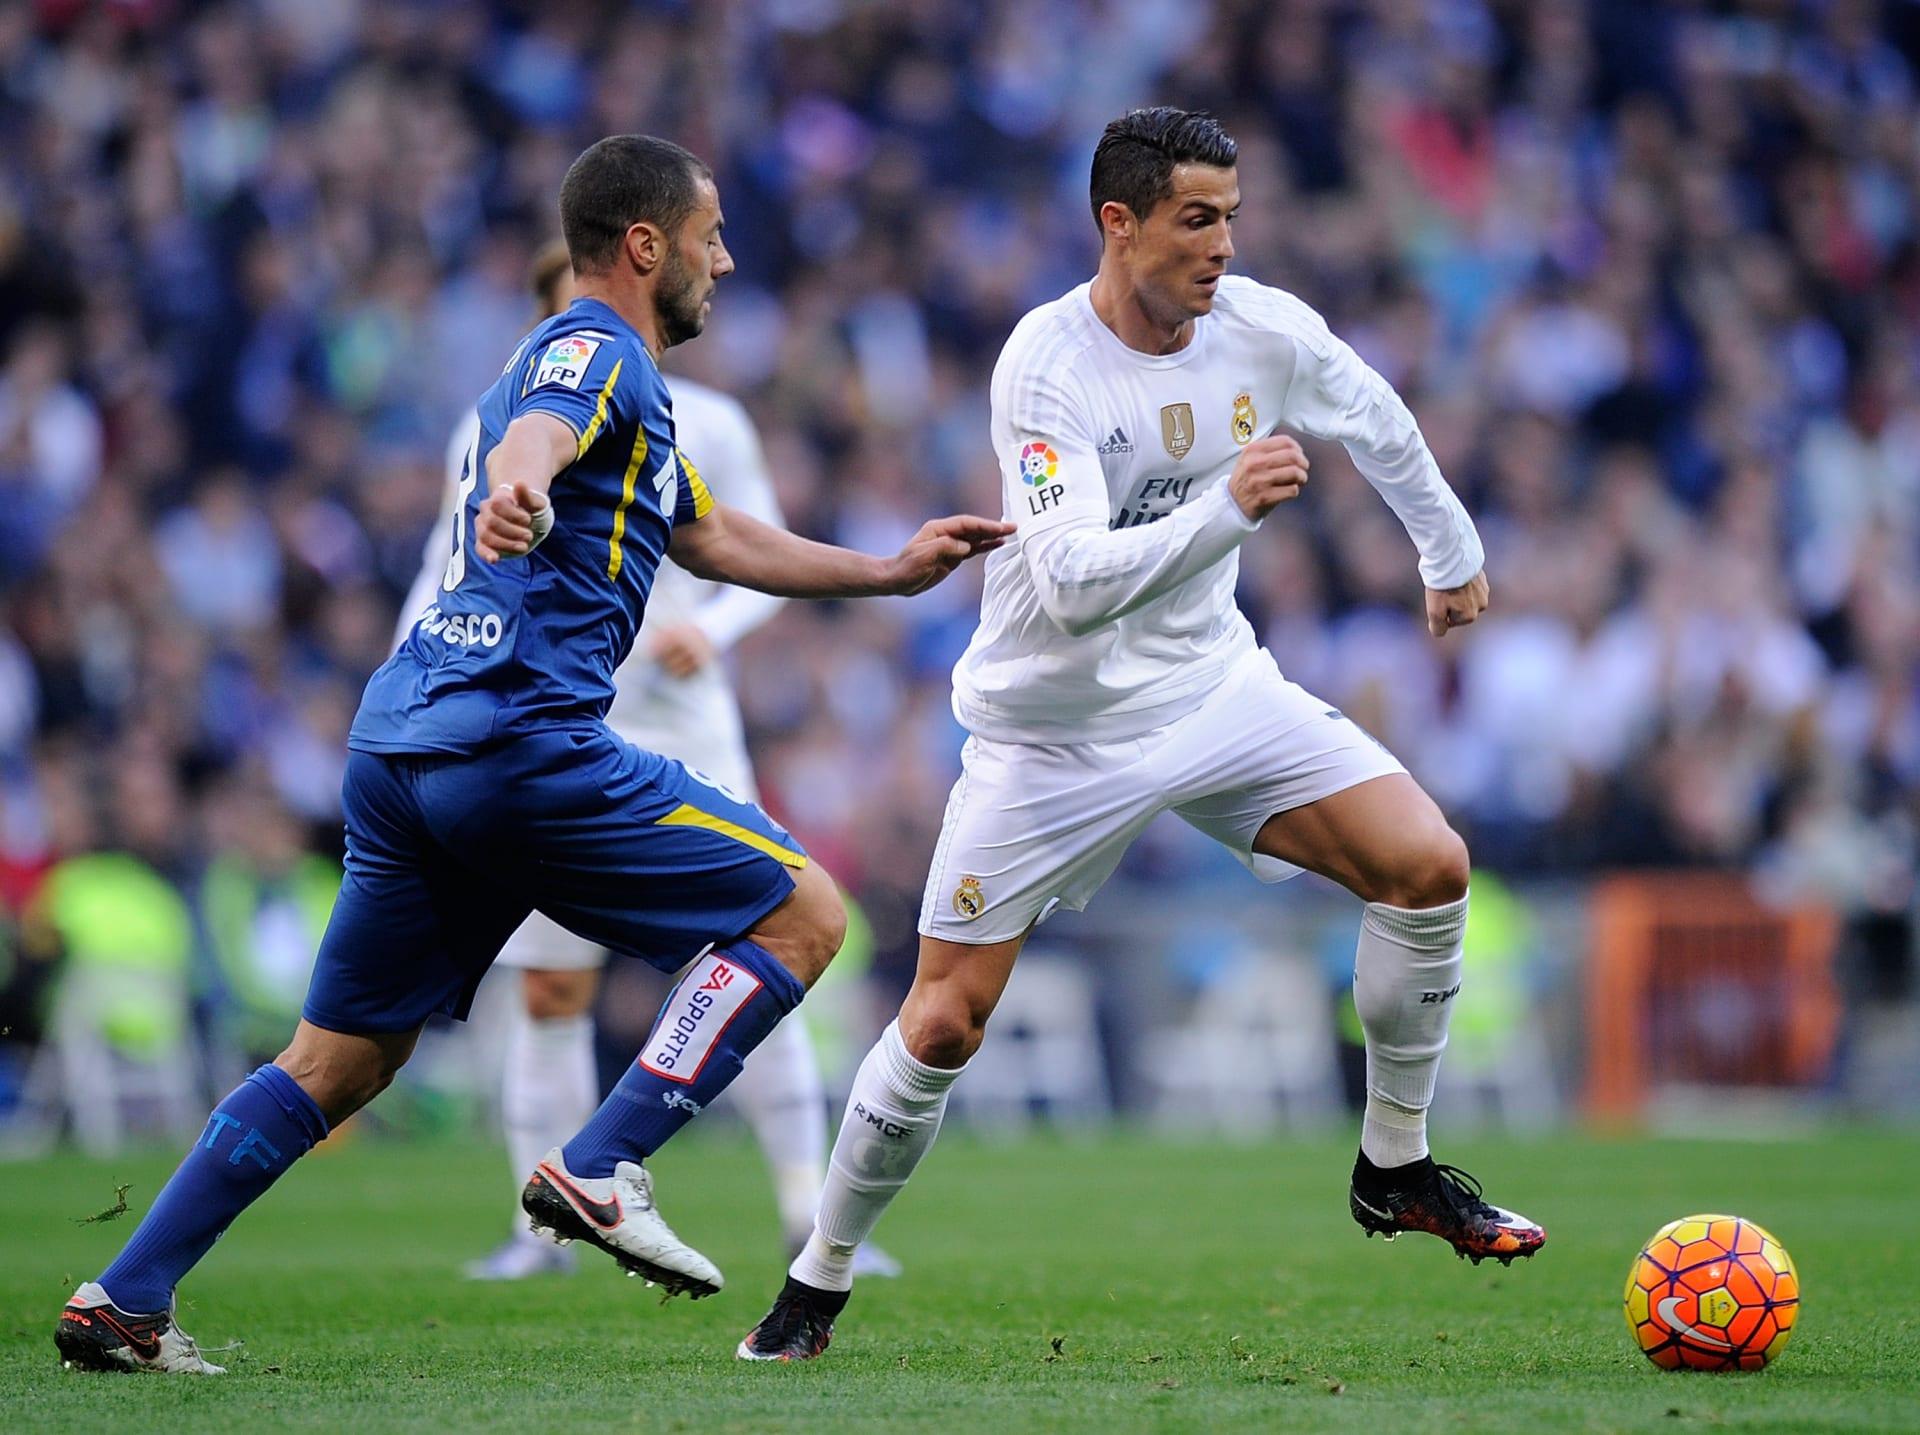 ريال مدريد وخيتافي في ديربي القمة والقاع في إسبانيا